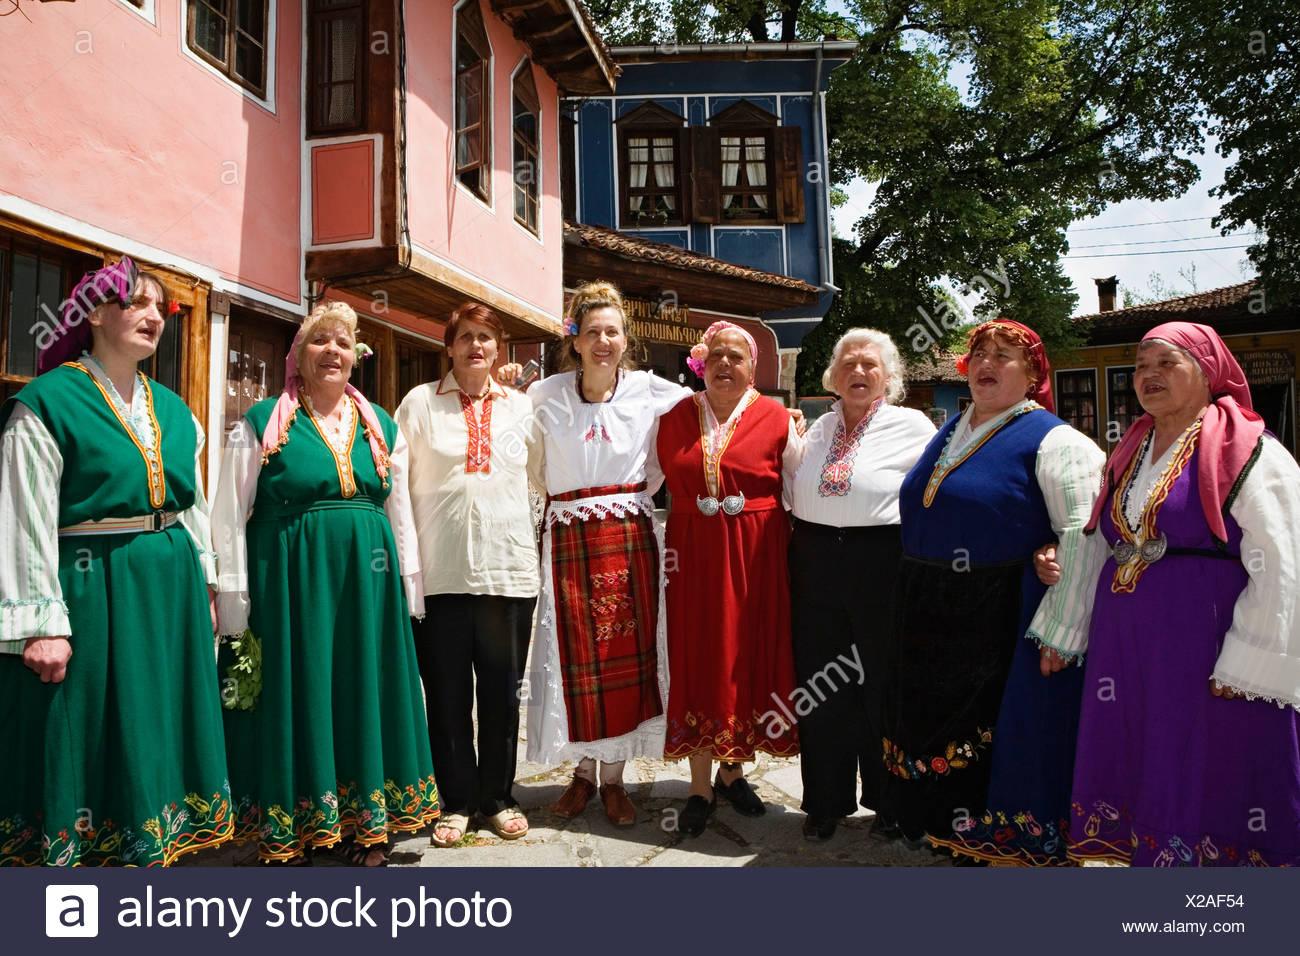 Las naciones eslavas, grupo folclórico de cantantes, Koprivschtiza, Bulgaria Imagen De Stock